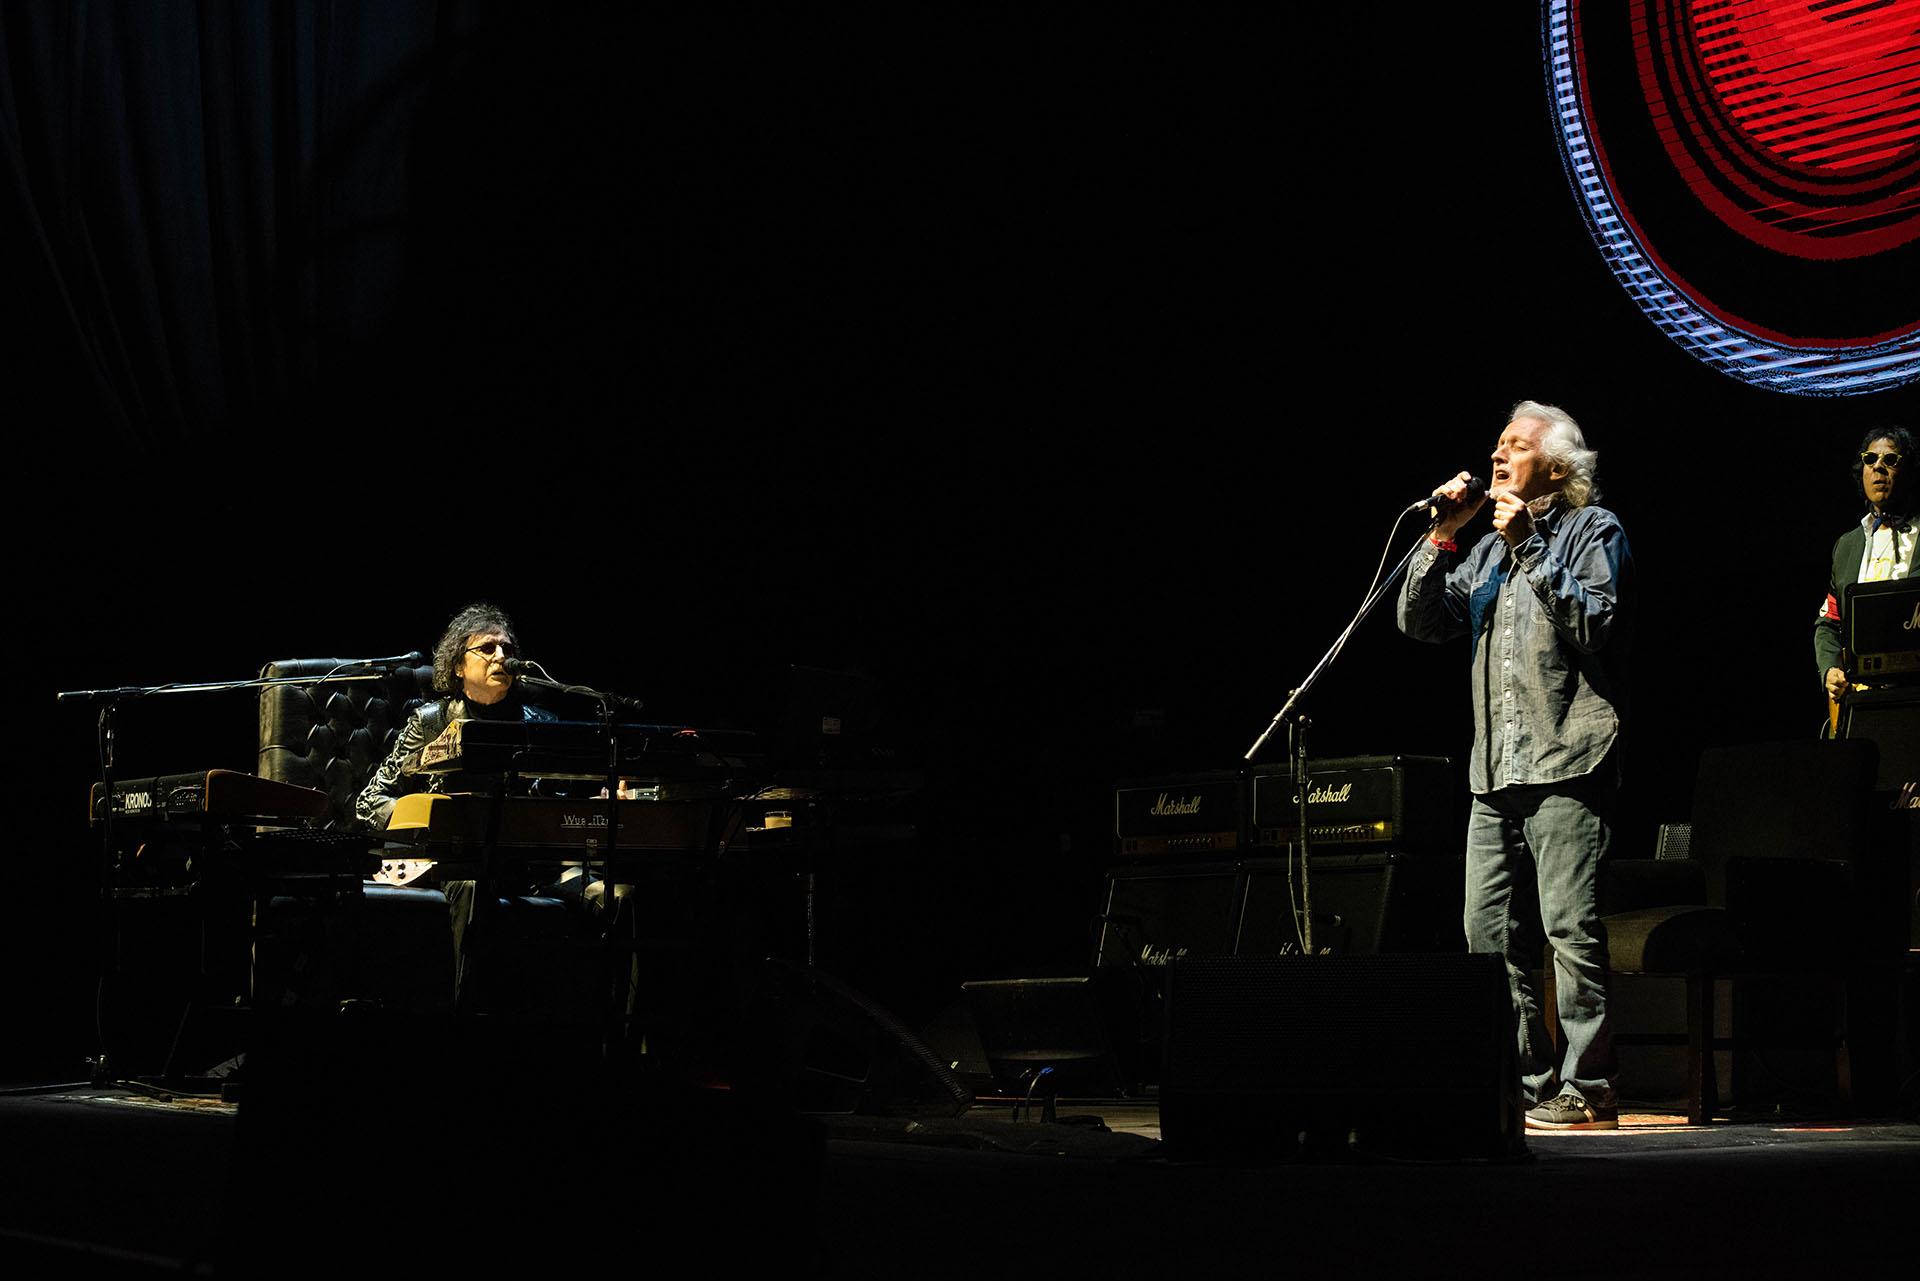 Los músicos volvieron a compartir el escenario del microestadio porteño, a siete años de su último encuentro